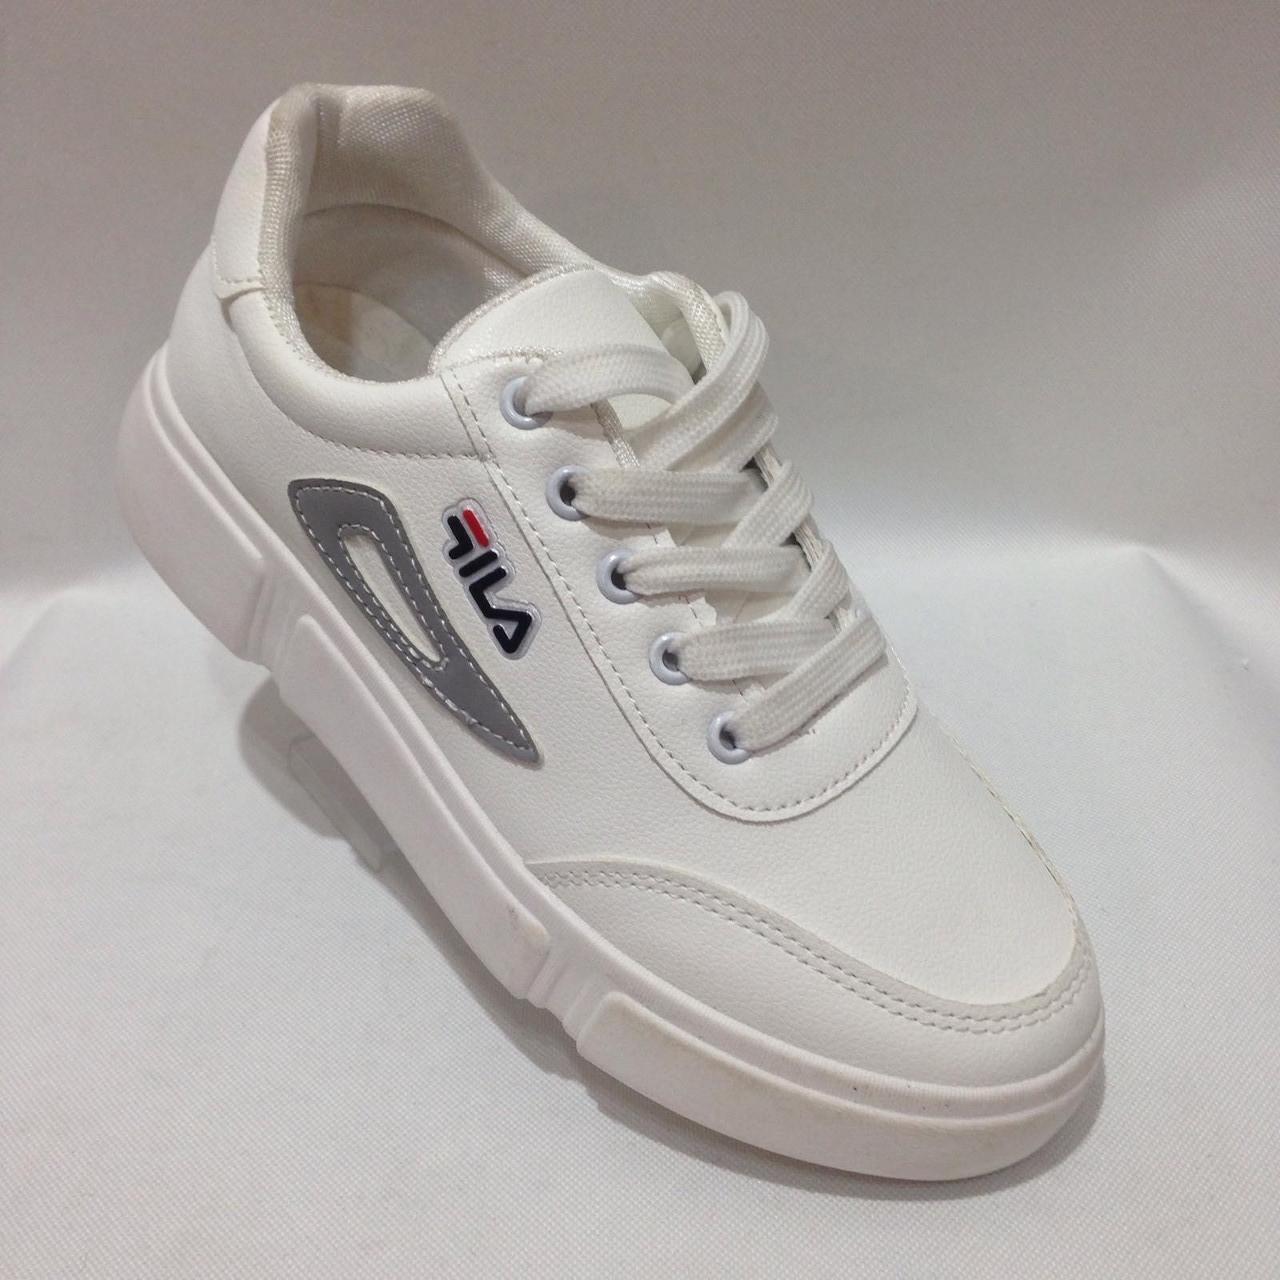 Кроссовки в стиле FILA 38 р. последняя пара модные белые